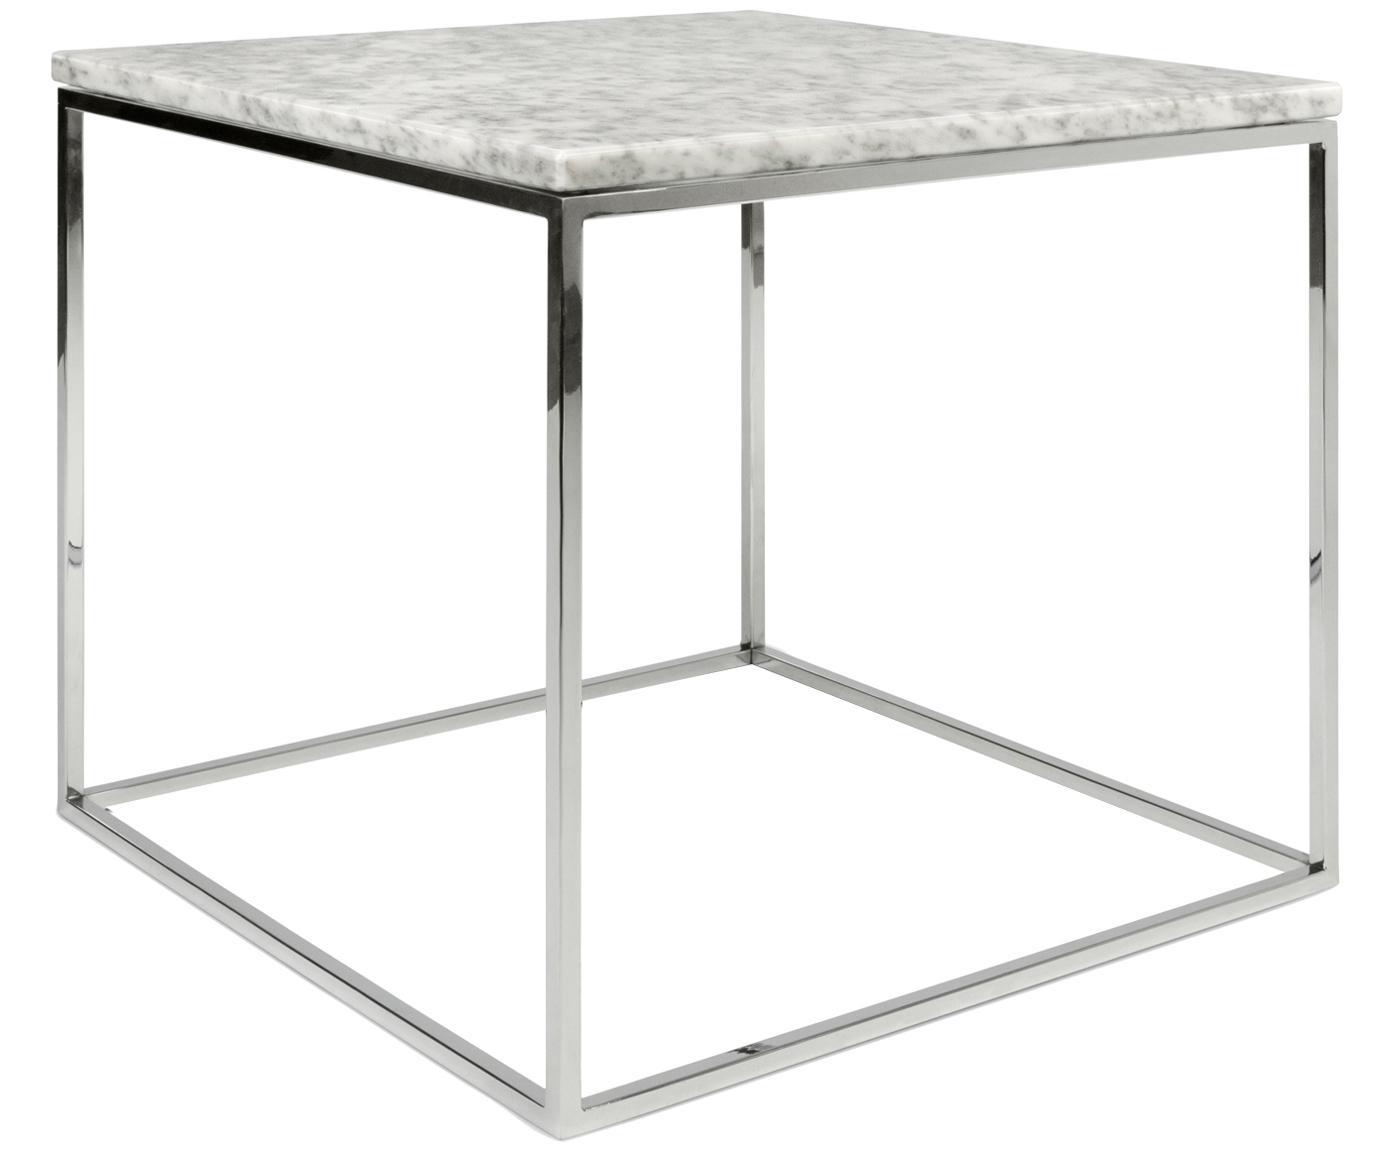 Tavolino in marmo Gleam, Piano d'appoggio: marmo, Struttura: acciaio cromato, Piano d'appoggio: bianco, marmo Struttura: cromo, Larg. 50 x Alt. 45 cm